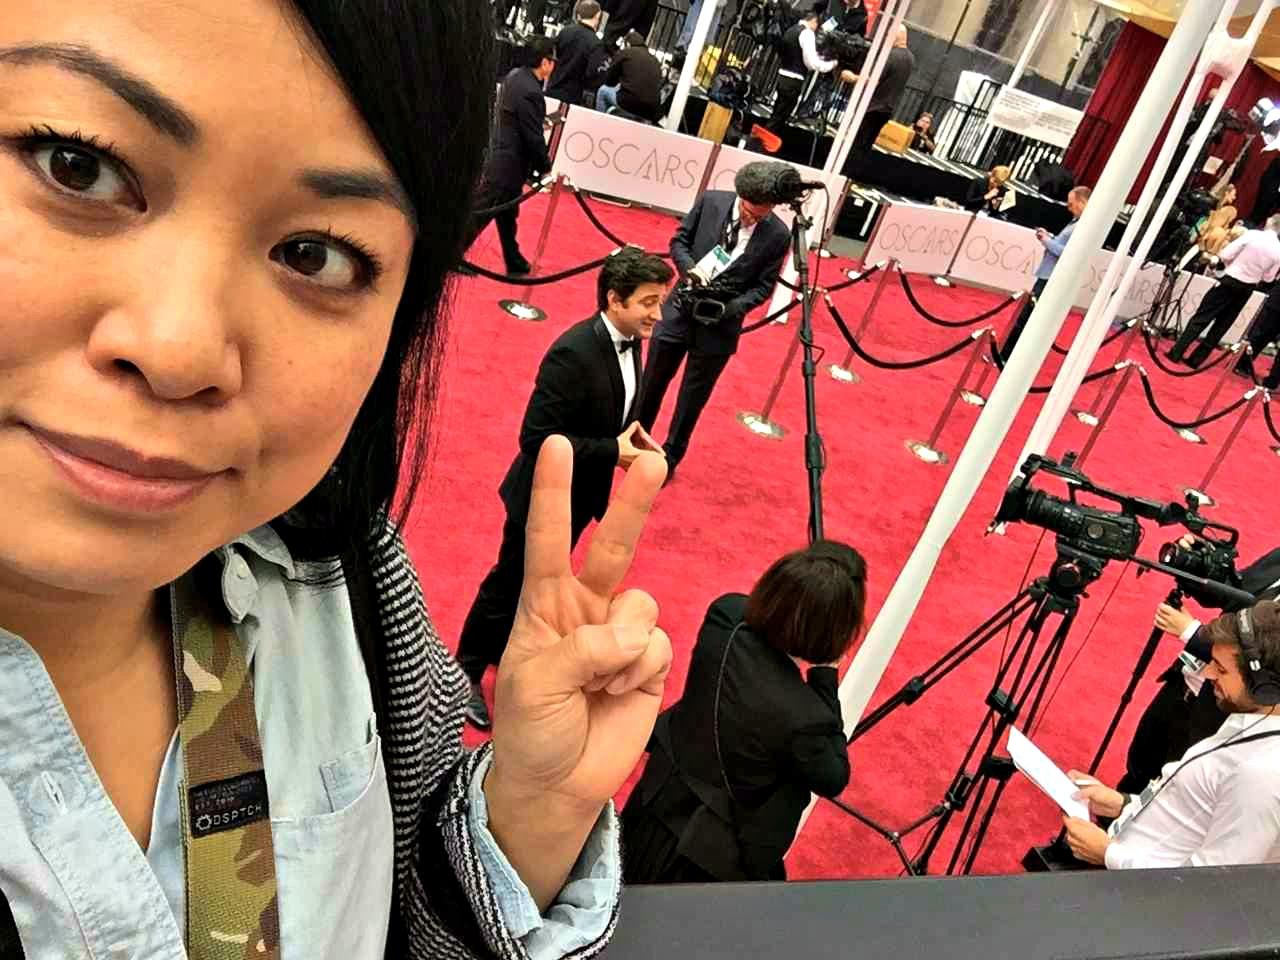 Arnette RTWgirl Oscars Selfie